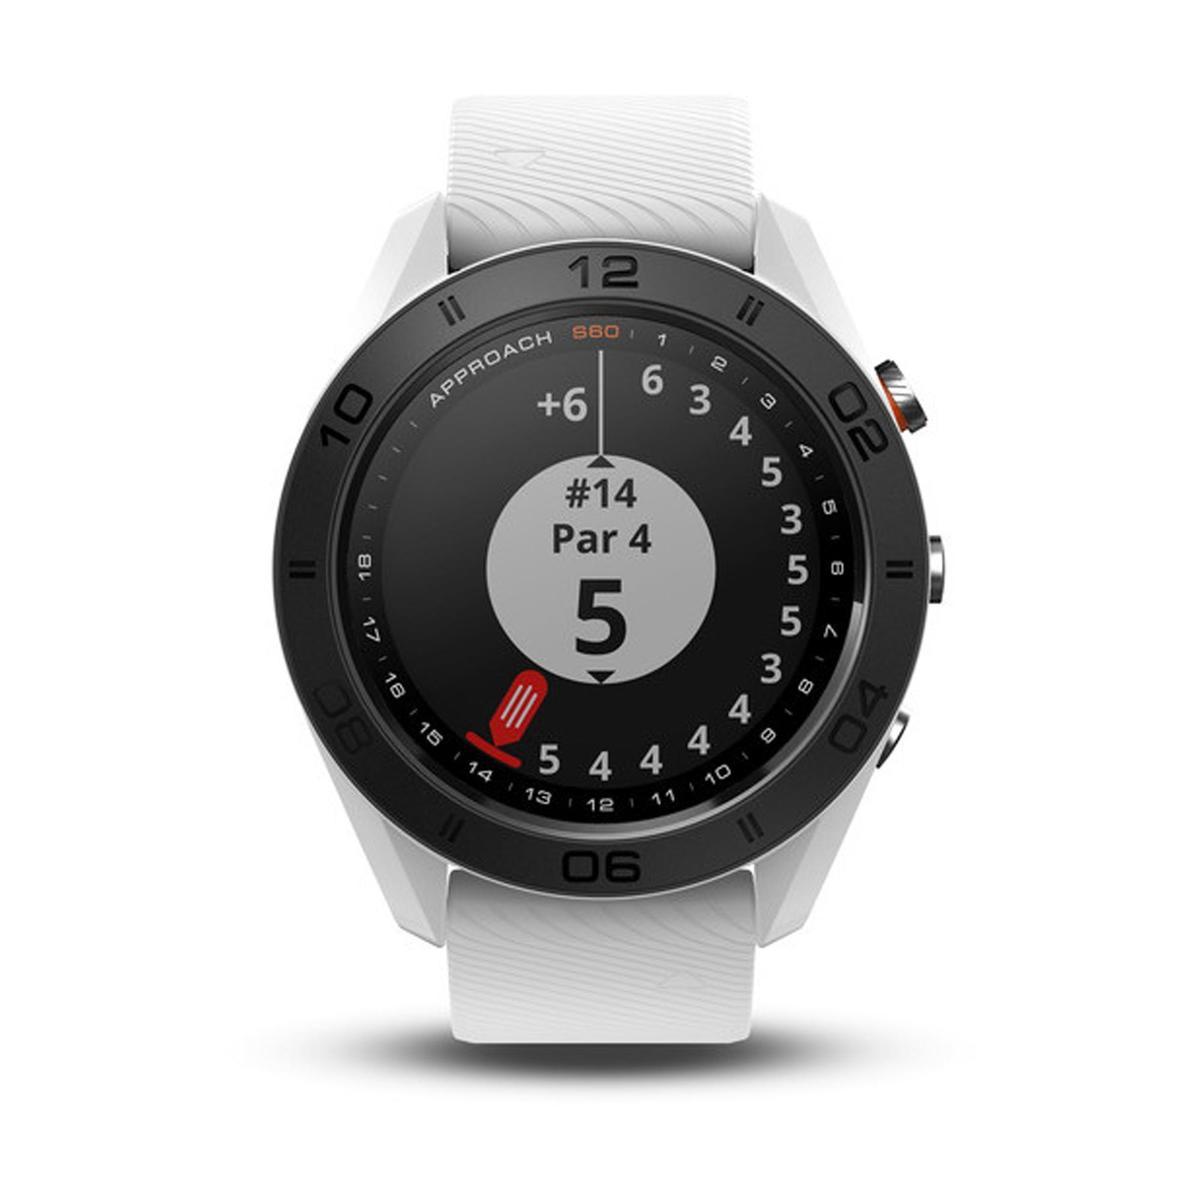 Bild 3 von Golf GPS-Uhr Approach S60 weiß